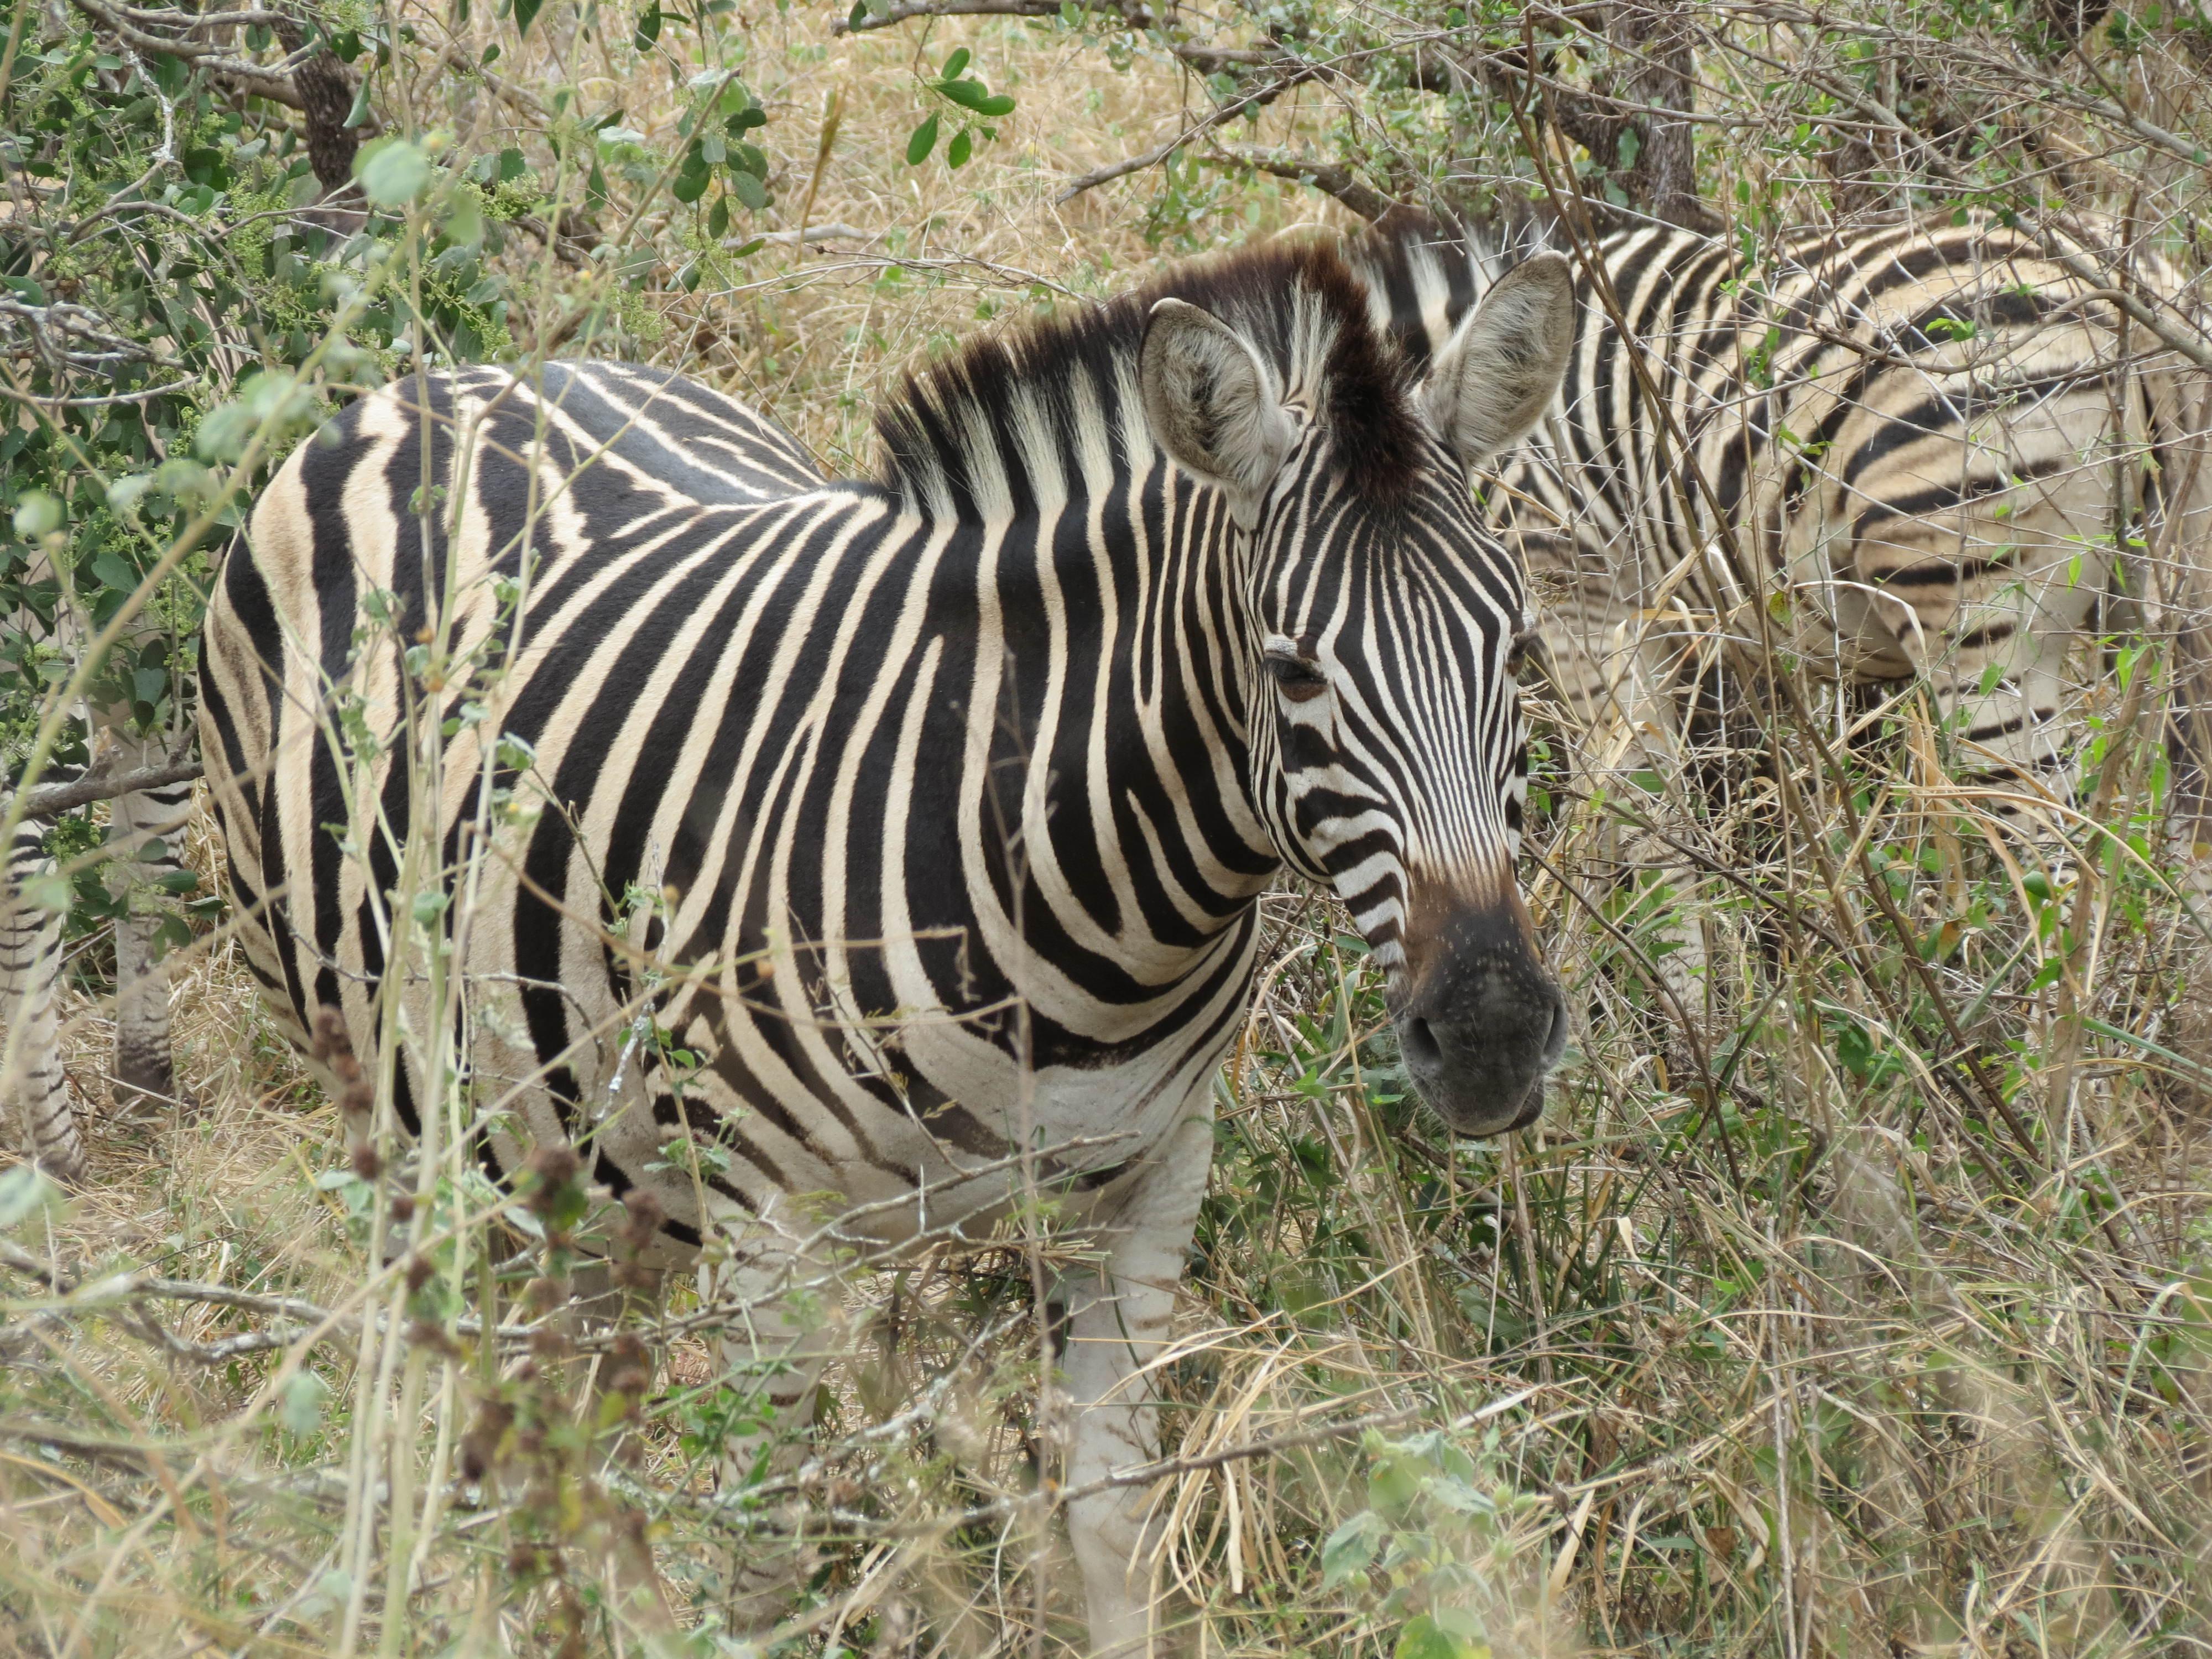 Zebras in Kruger